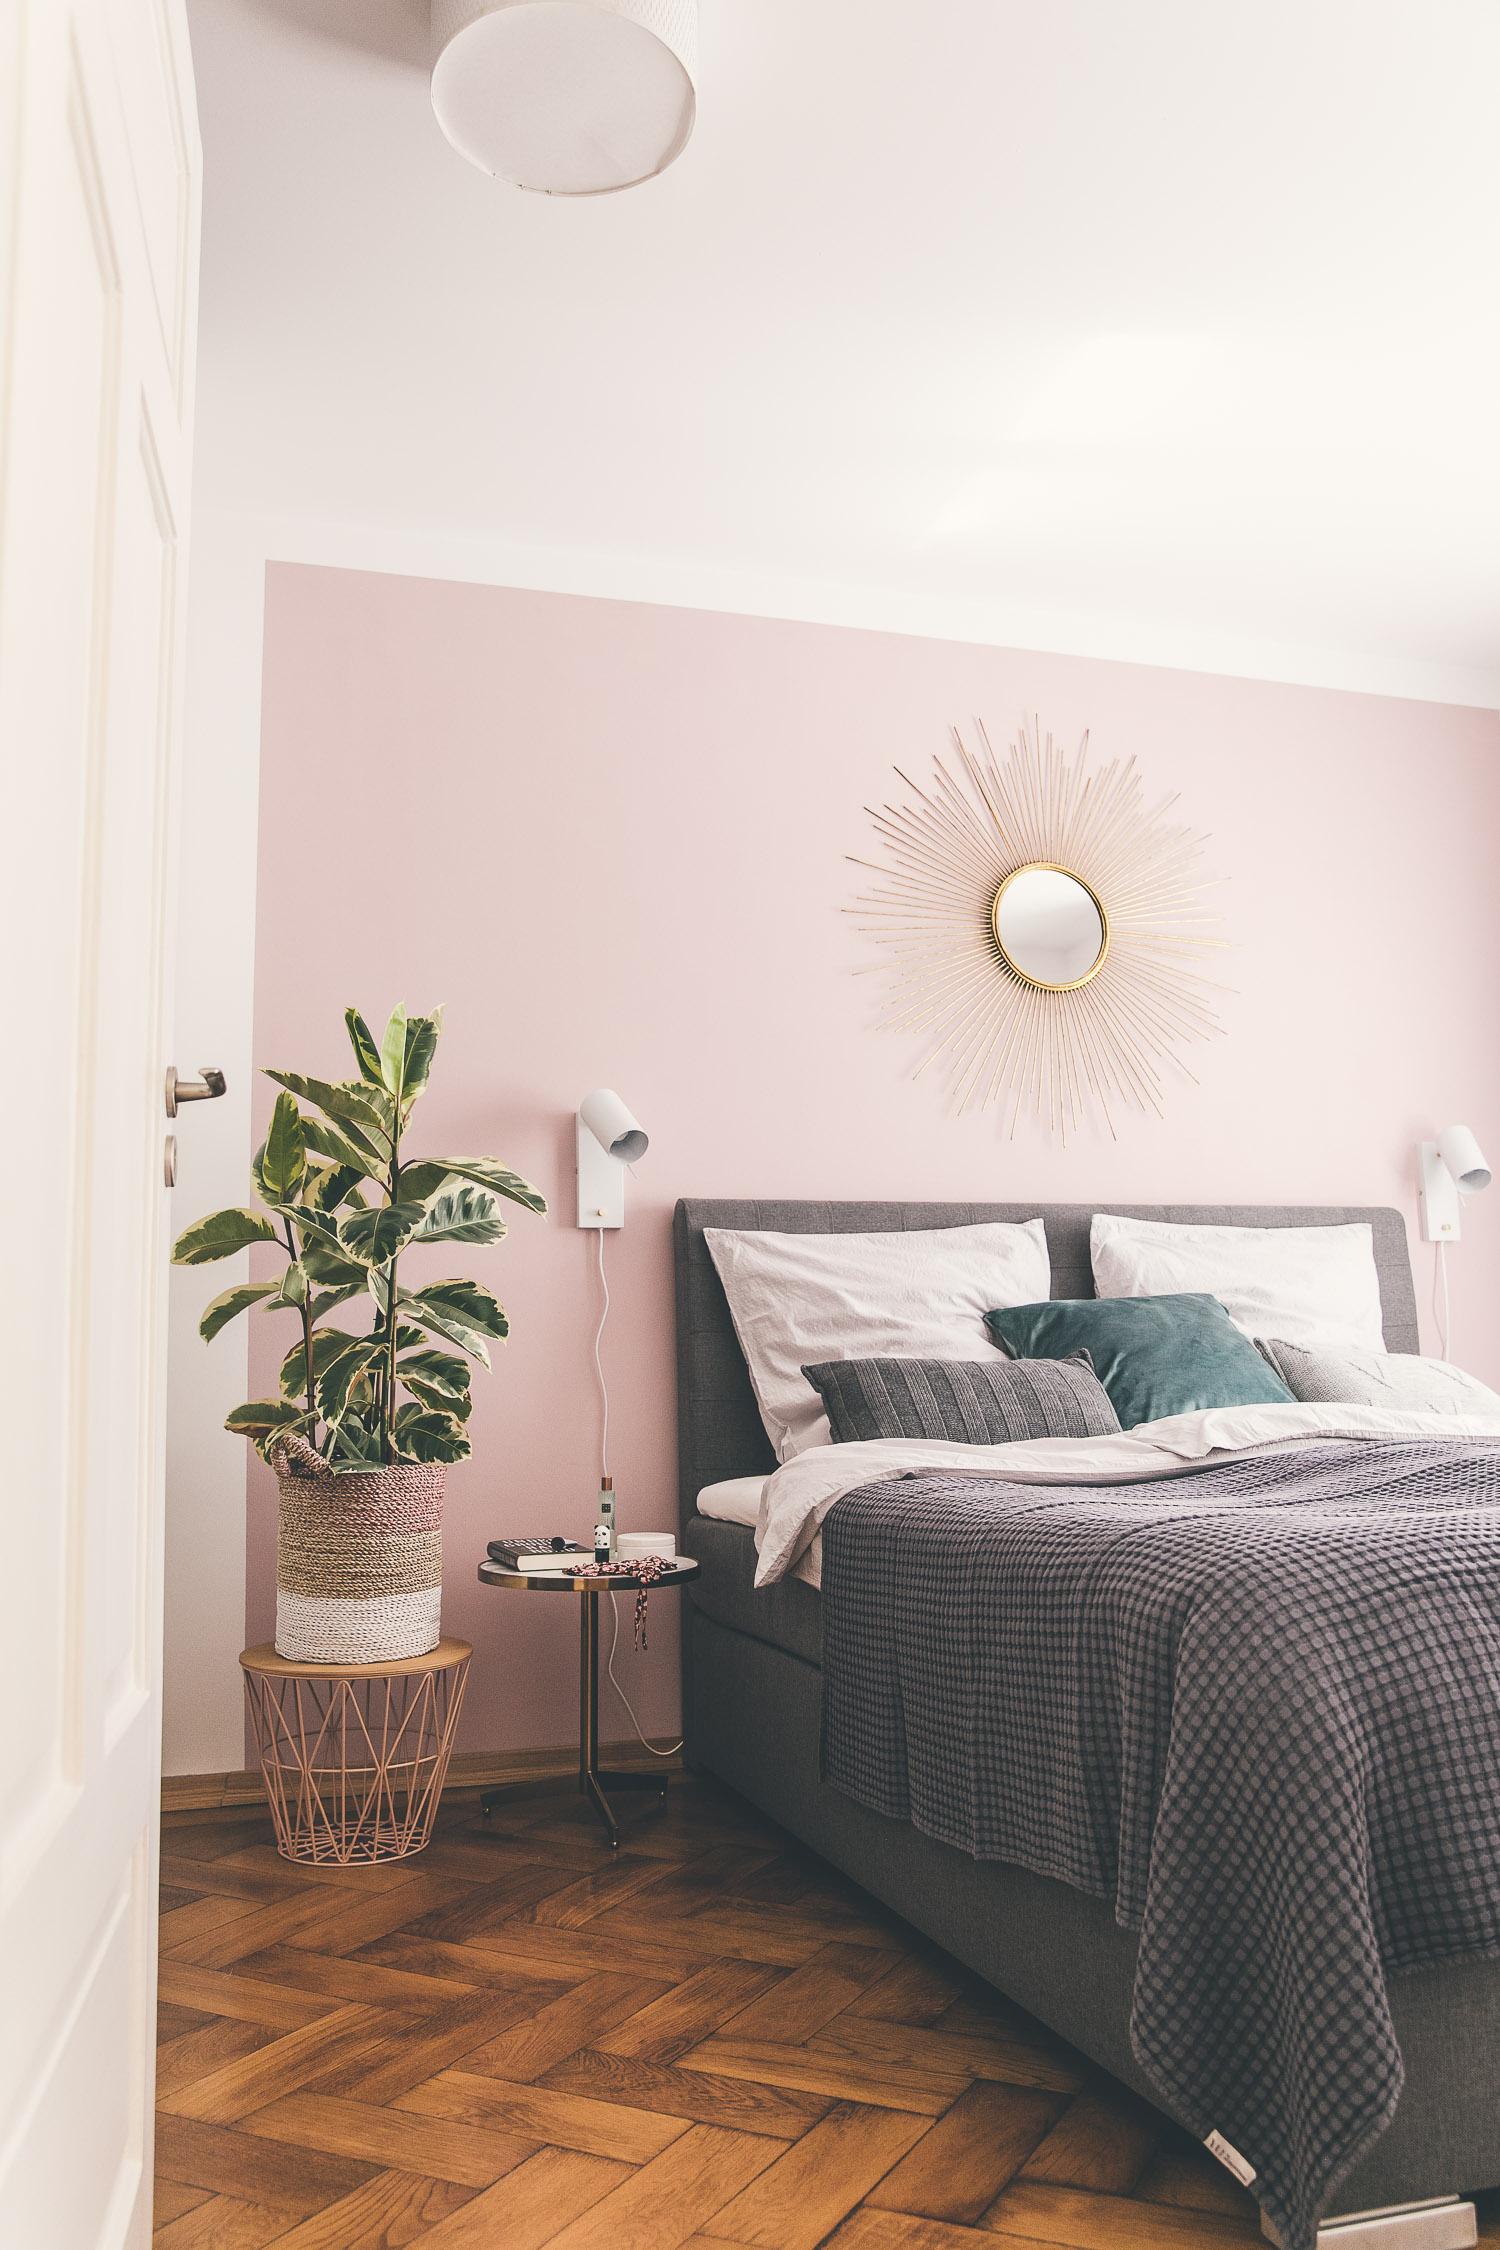 Schlafzimmer Wand Rosa-2 - Josie Loves